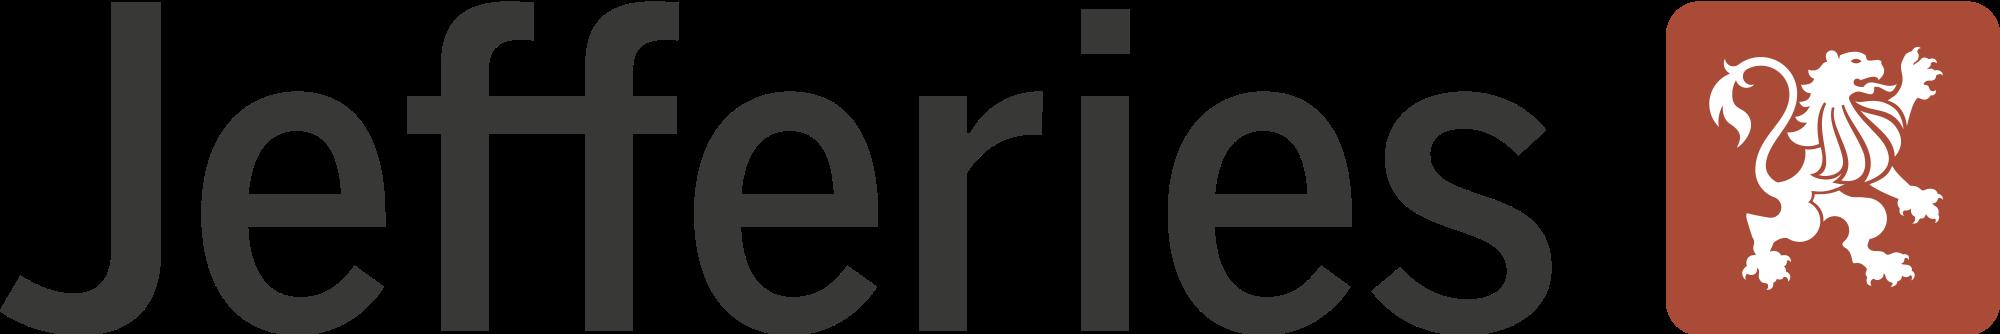 jefferies_logo_v1.png